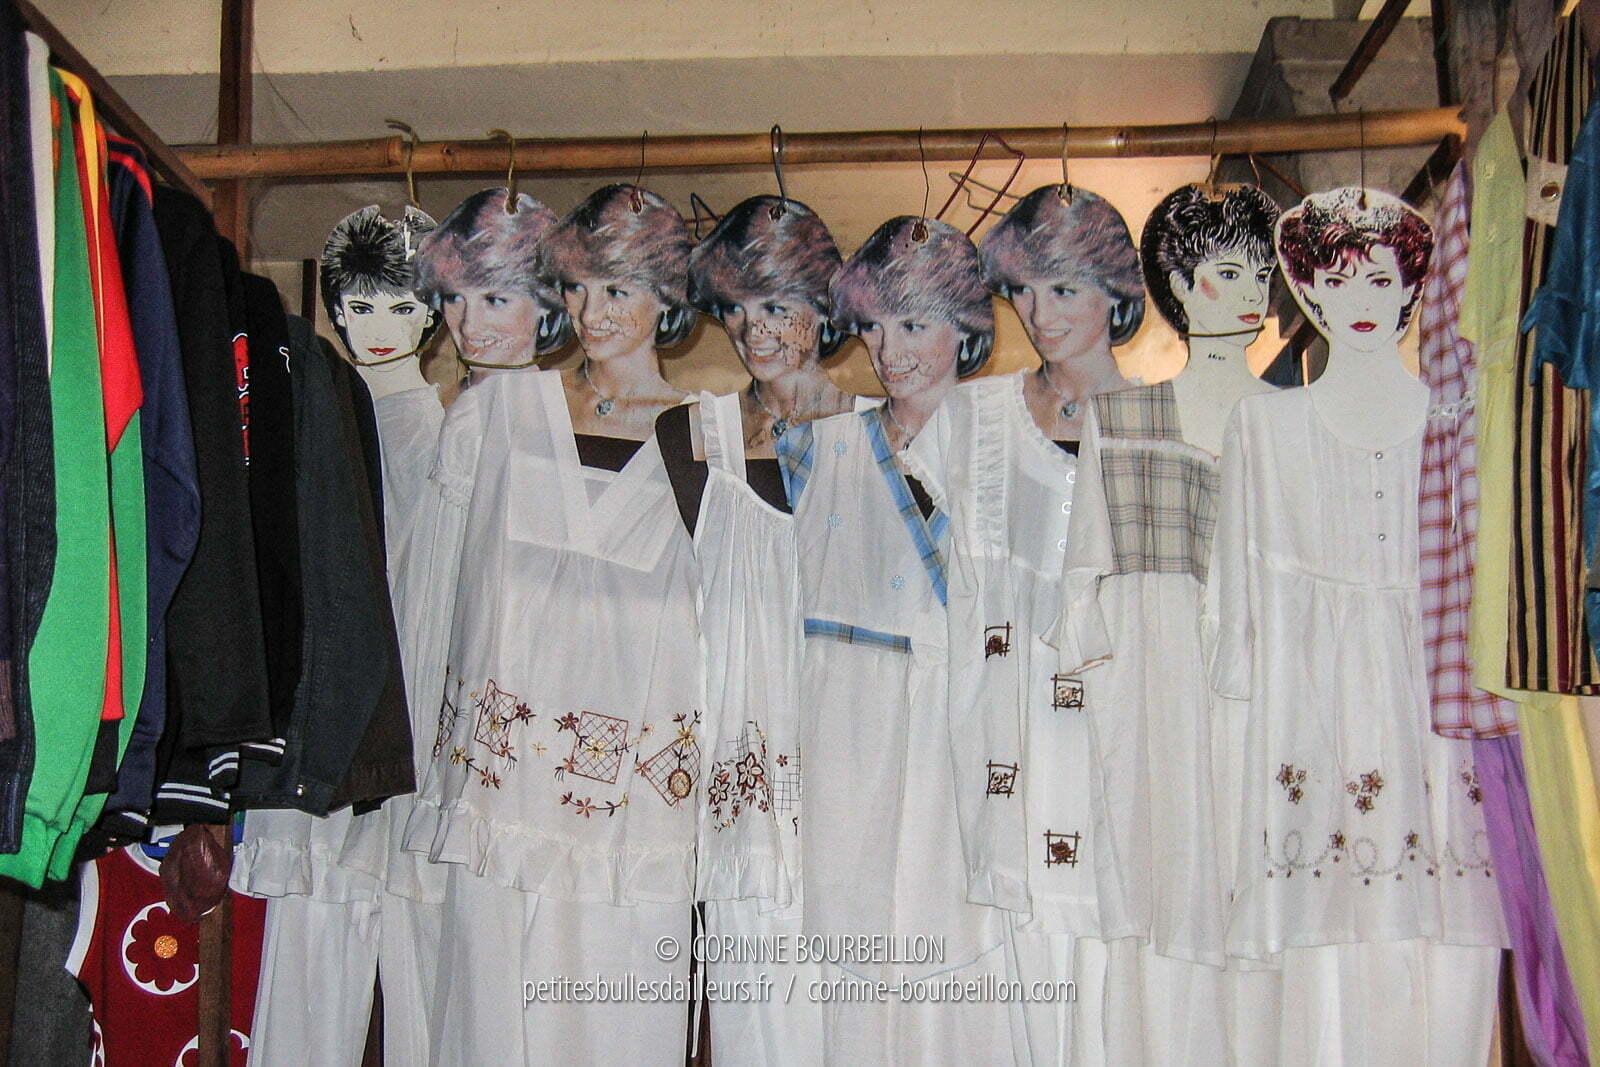 Au marché d'Amlapura, Lady Di clonée en dizaines d'exemplaires sert de mannequin. Bali, Indonésie, juillet 2008.